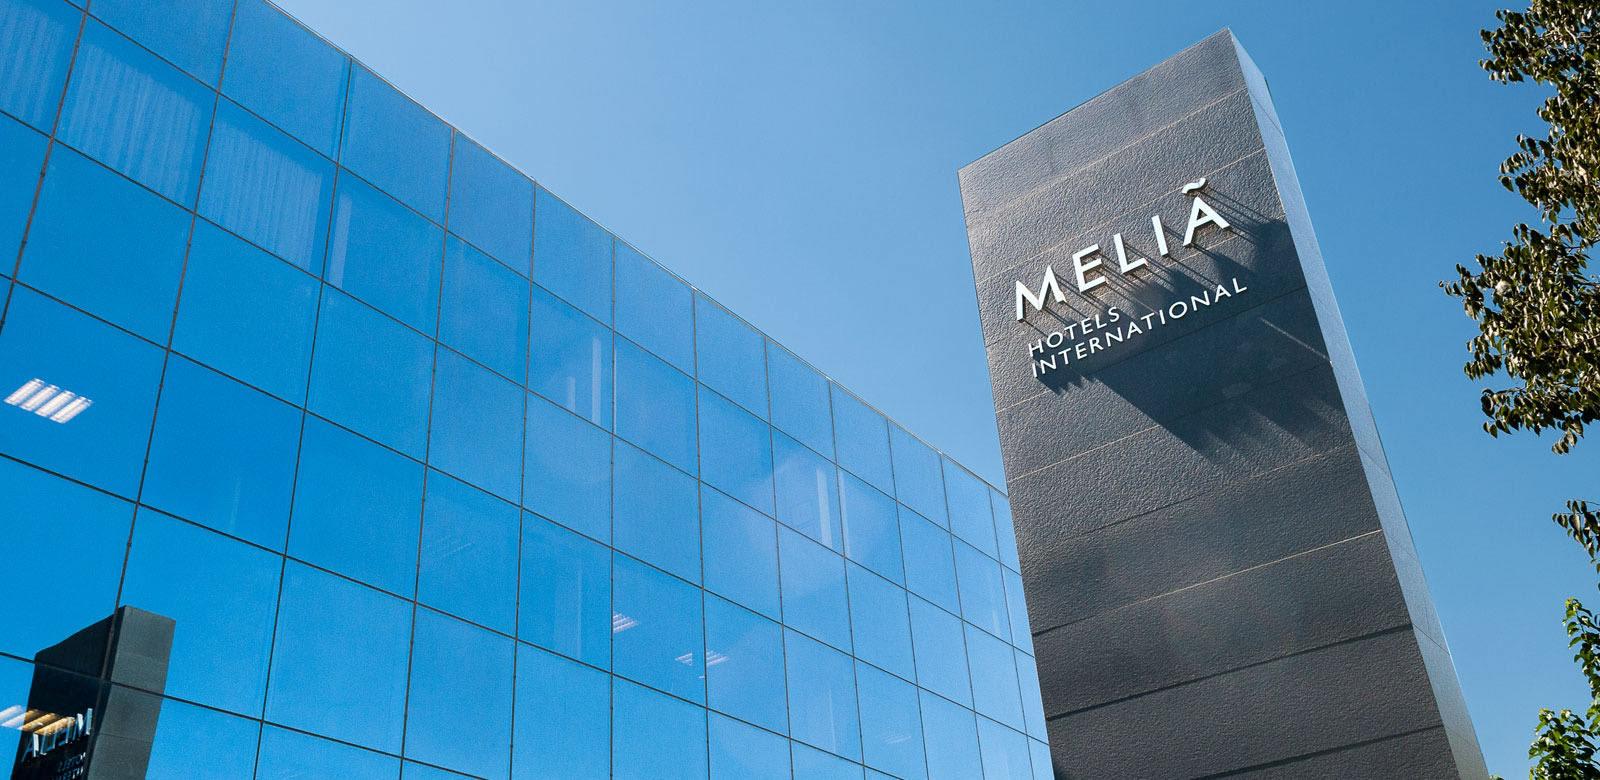 EISI SOFT gestionará la digitalización del mantenimiento de los hoteles de Meliá Hotels International.